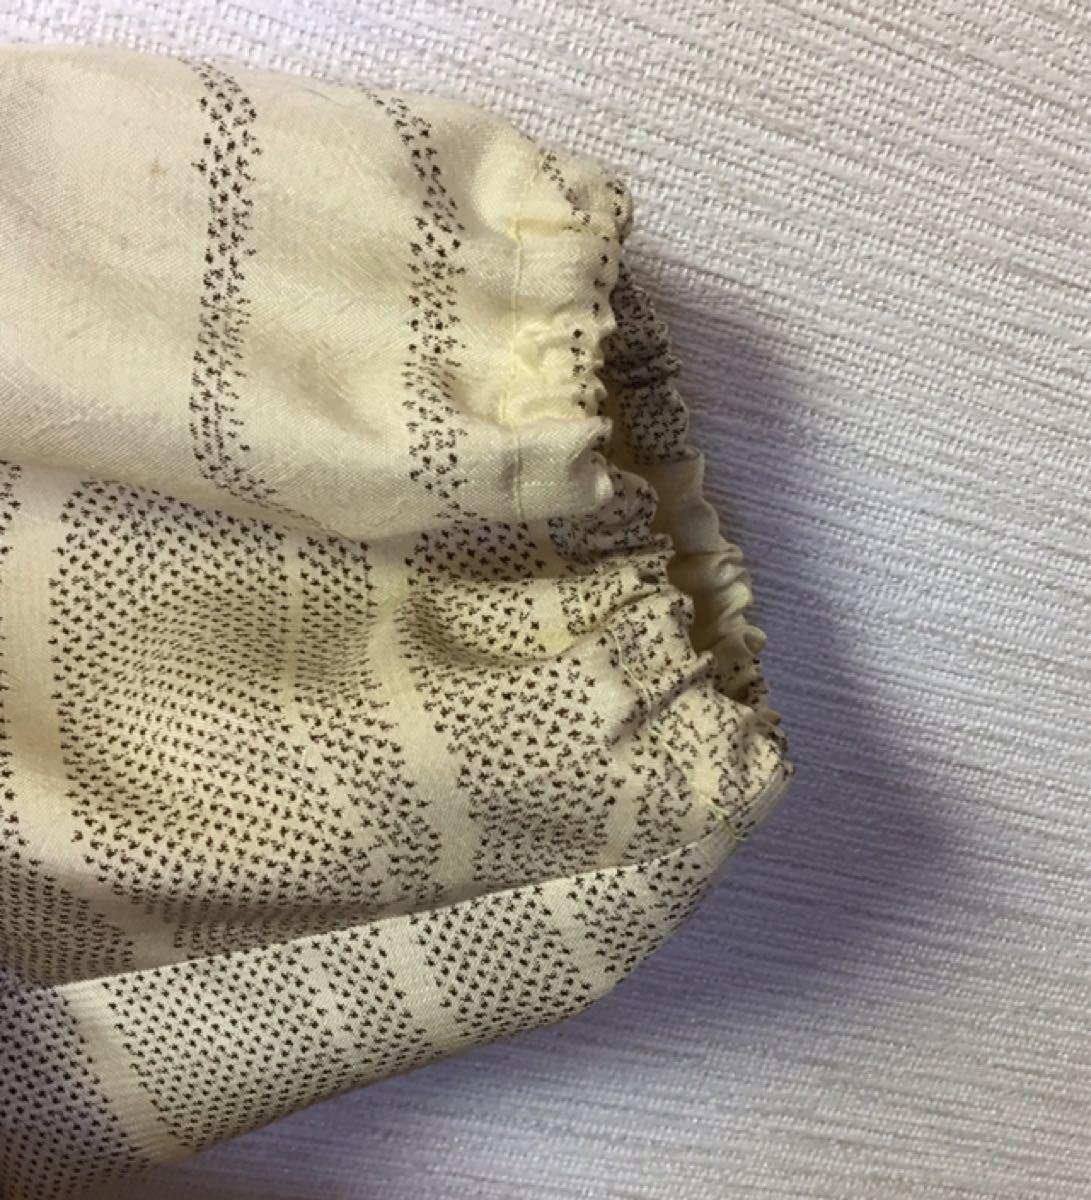 ゆったりワンピース 着物リメイク 紬切り替え チュニック ハンドメイド